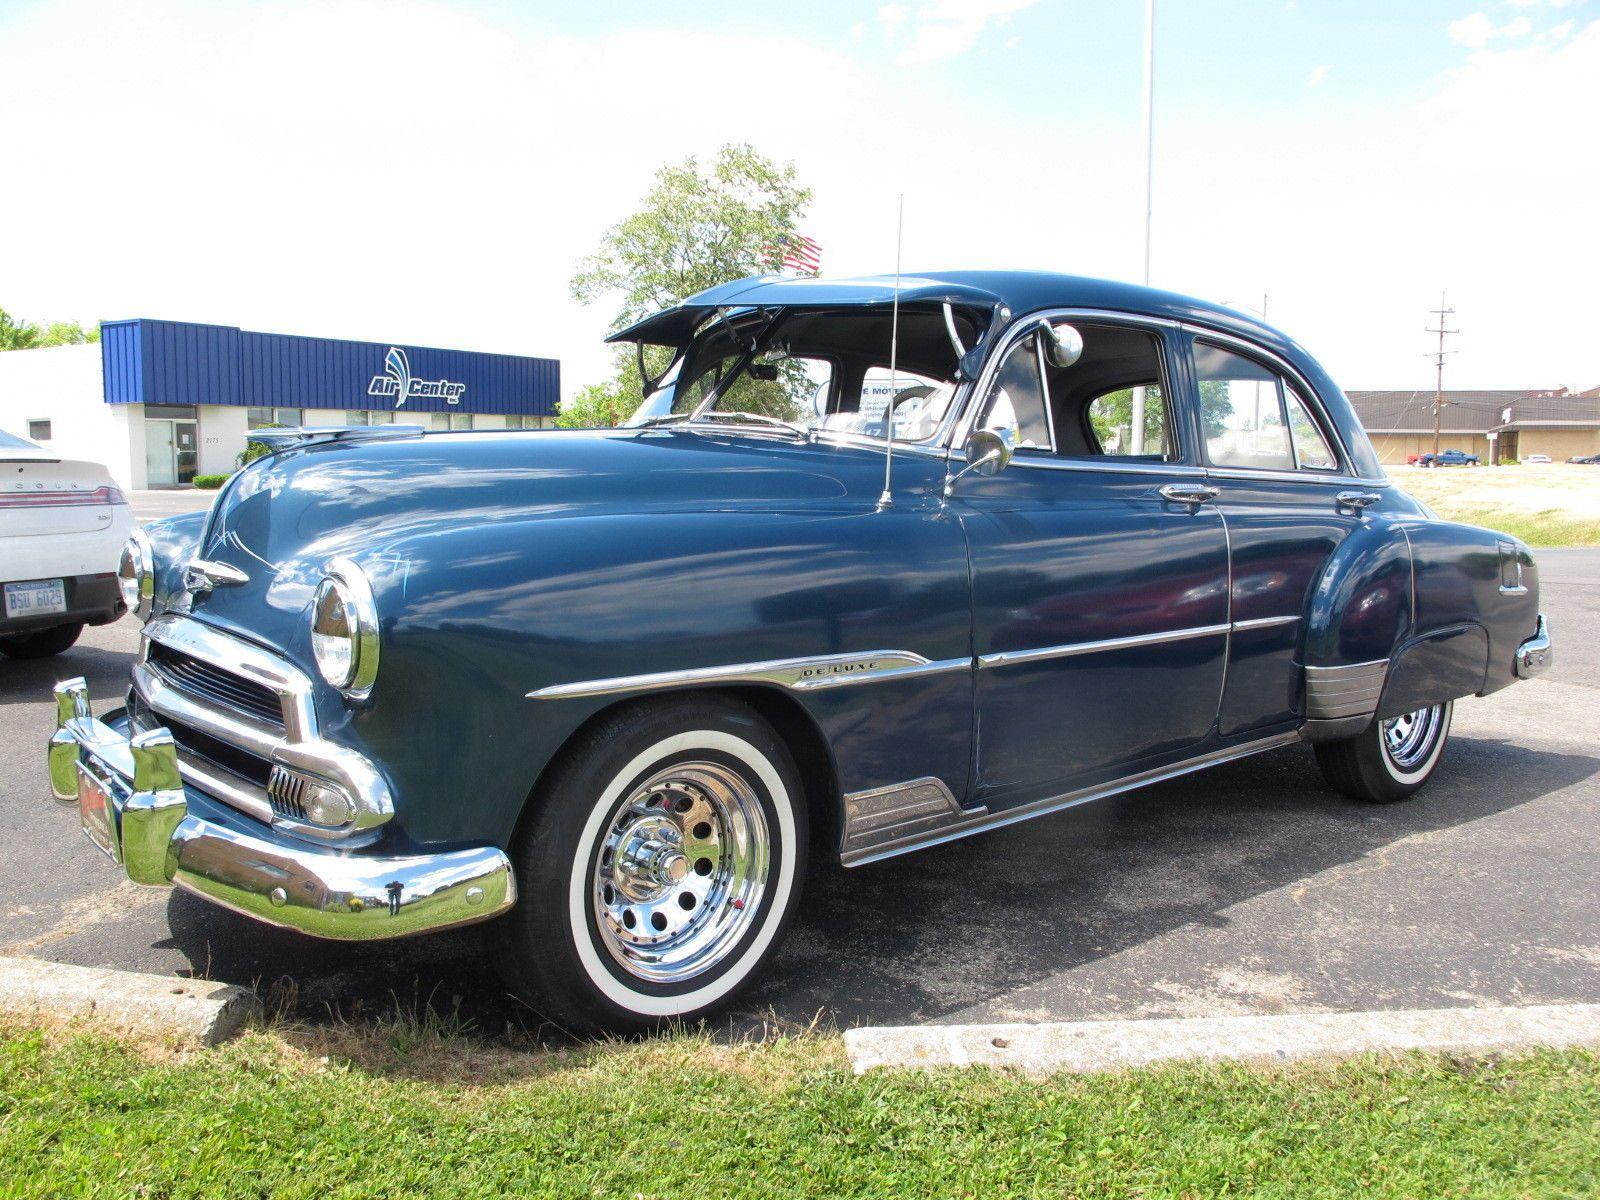 Chevrolet: Other 1951 chevrolet deluxe 4 door 64 247 miles currently ...